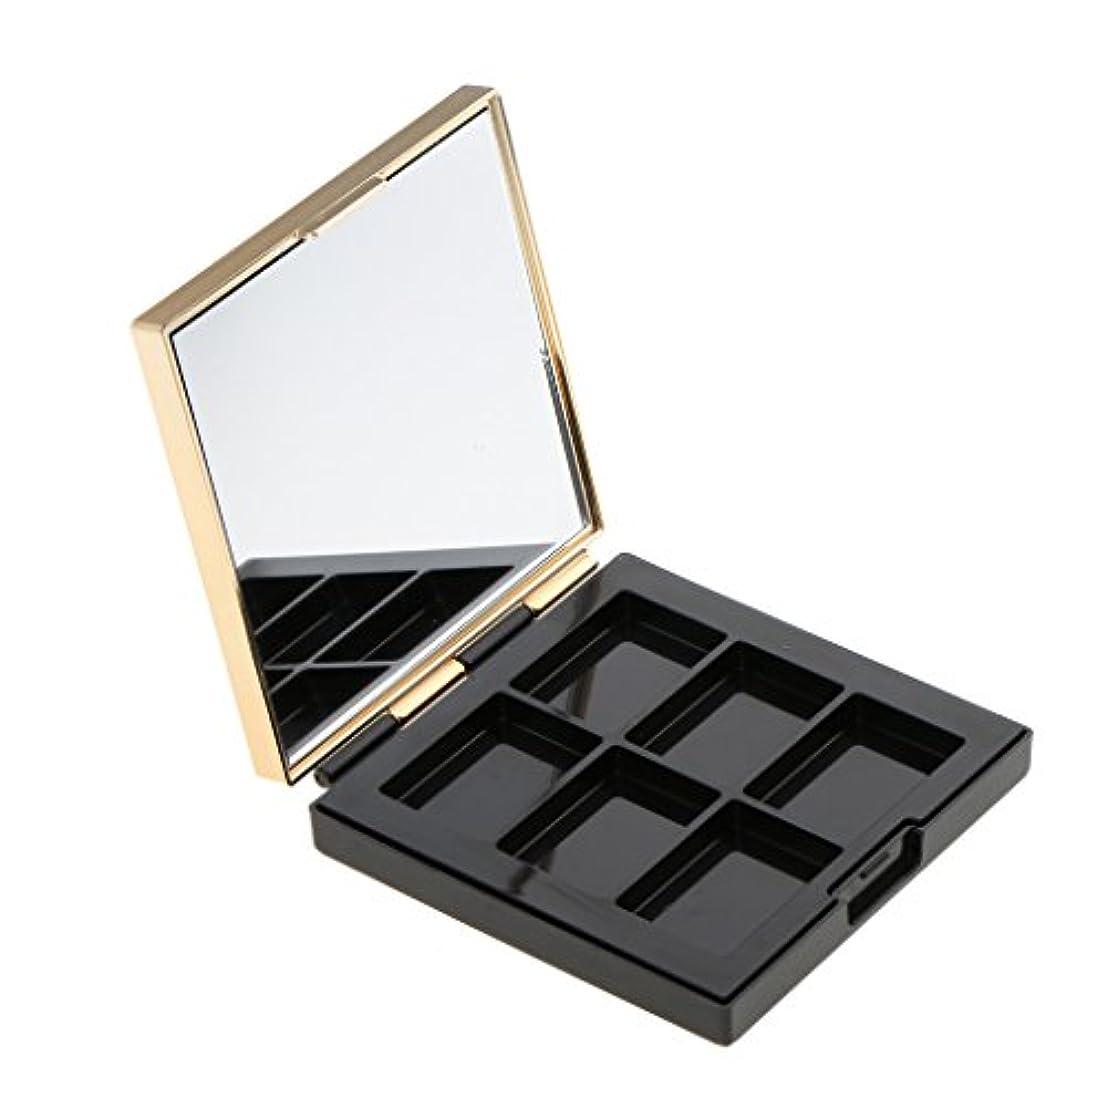 差別化するハプニング画像Baosity 空パレット 収納ボックス 高品質 ABS製 DIY コスメ収納 メイクアップケース ミラー付き